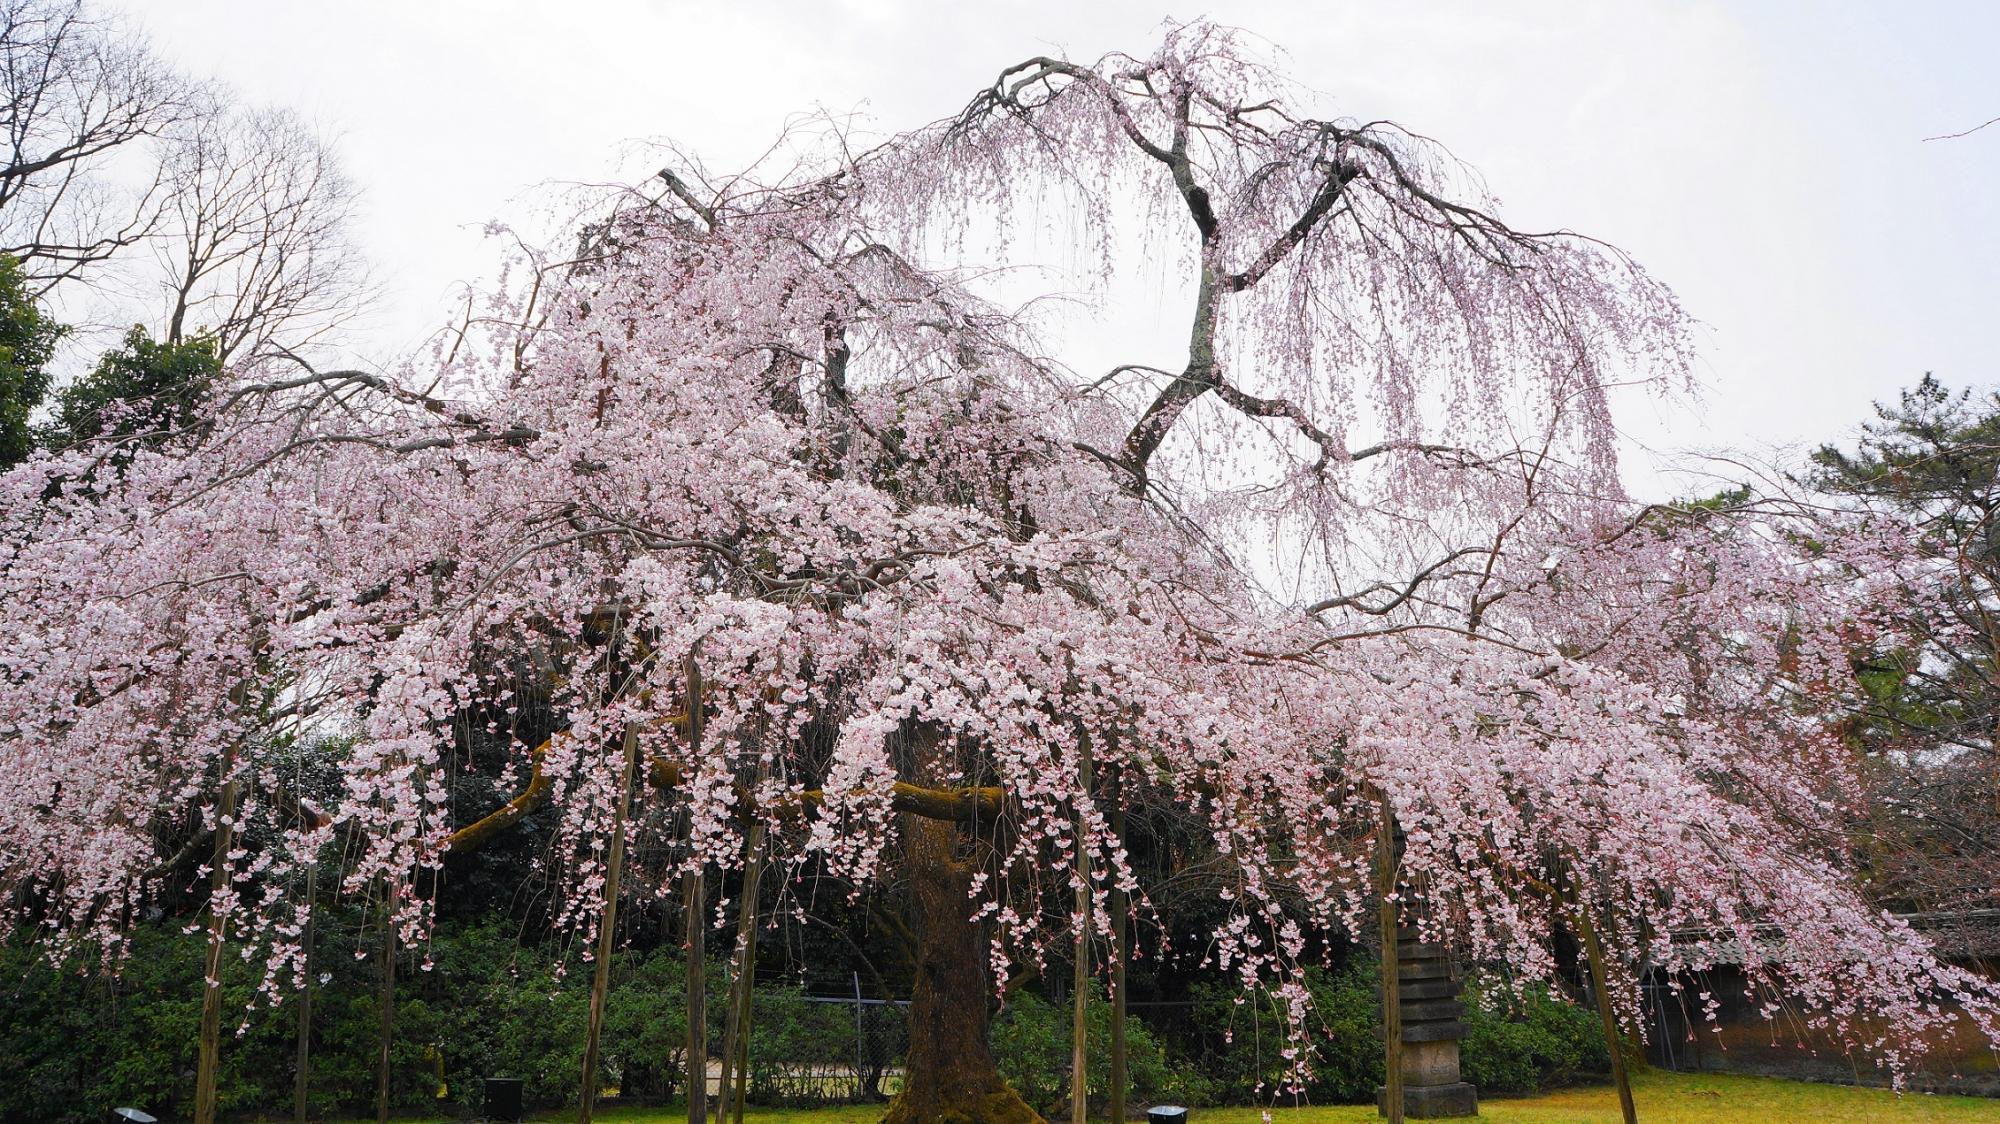 れいほうかん 桜 満開 だいごじ